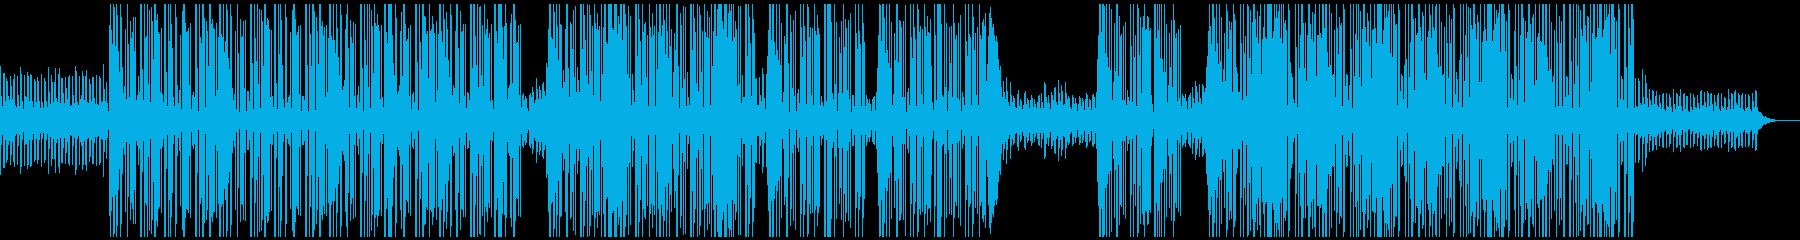 シリアスな洋楽トラップビートの再生済みの波形